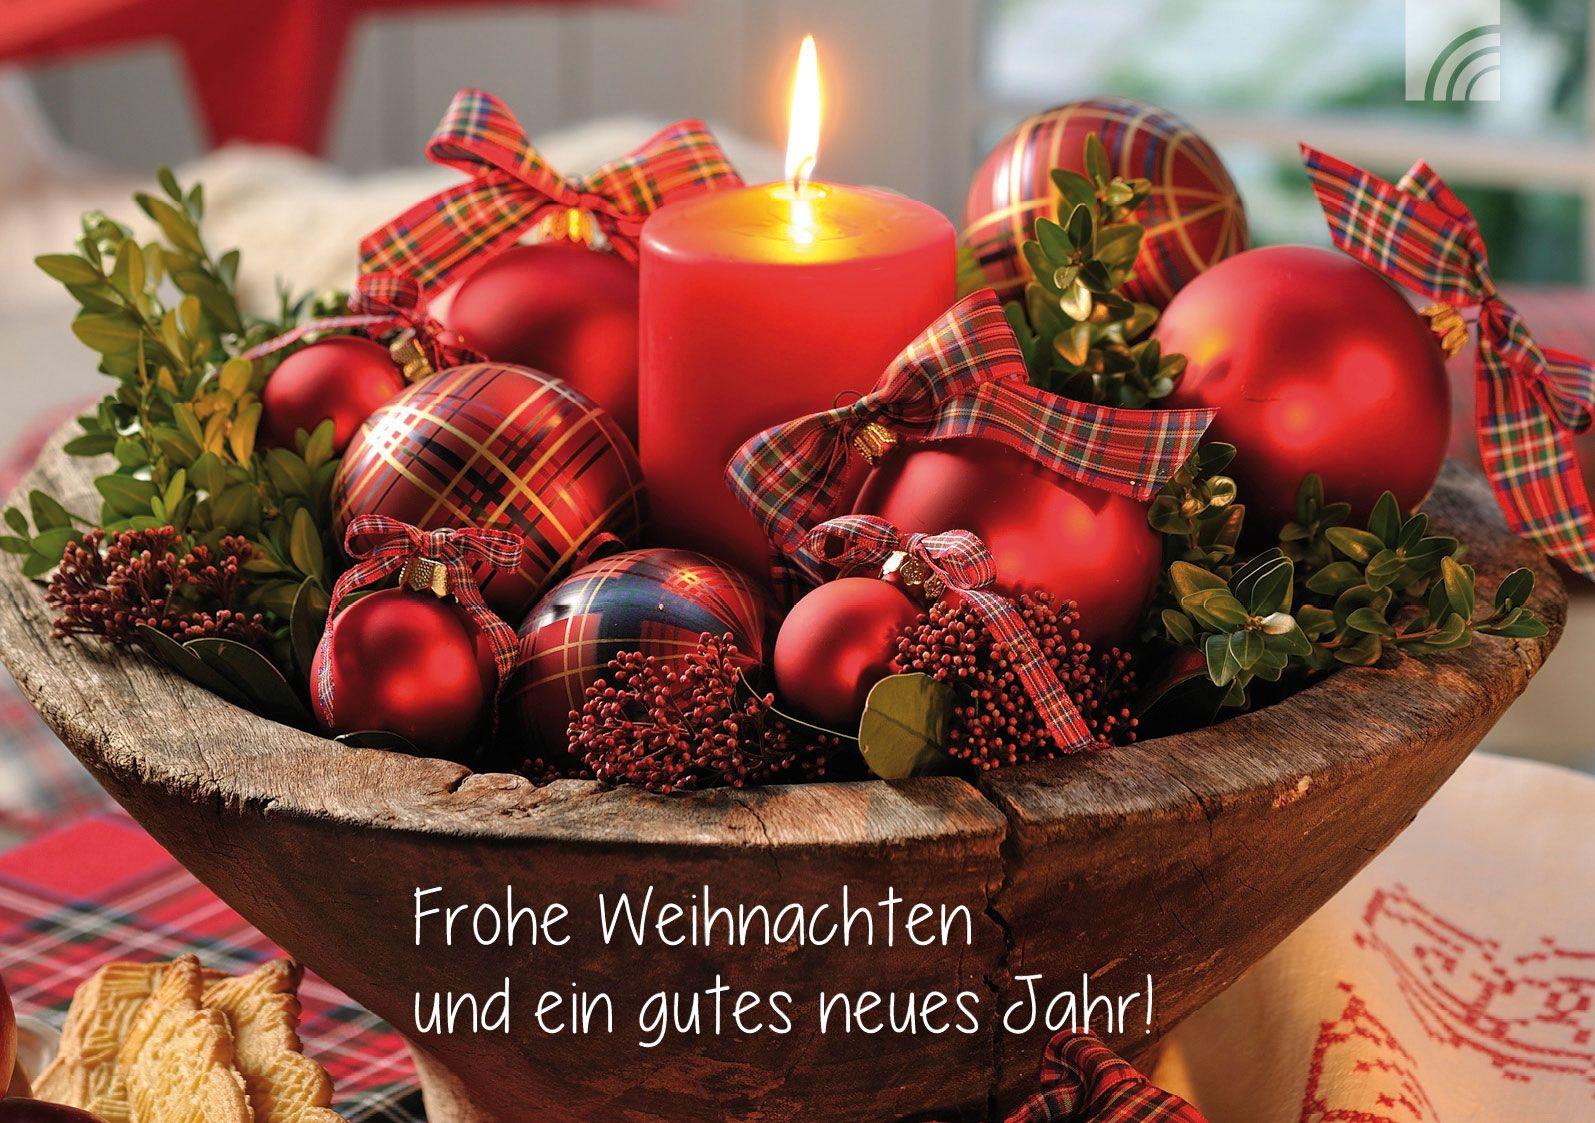 Bilder Frohe Weihnachten Und Ein Gutes Neues Jahr.Frohe Weihnachten Und Ein Gutes Neues Jahr Von Engeln Reinhard